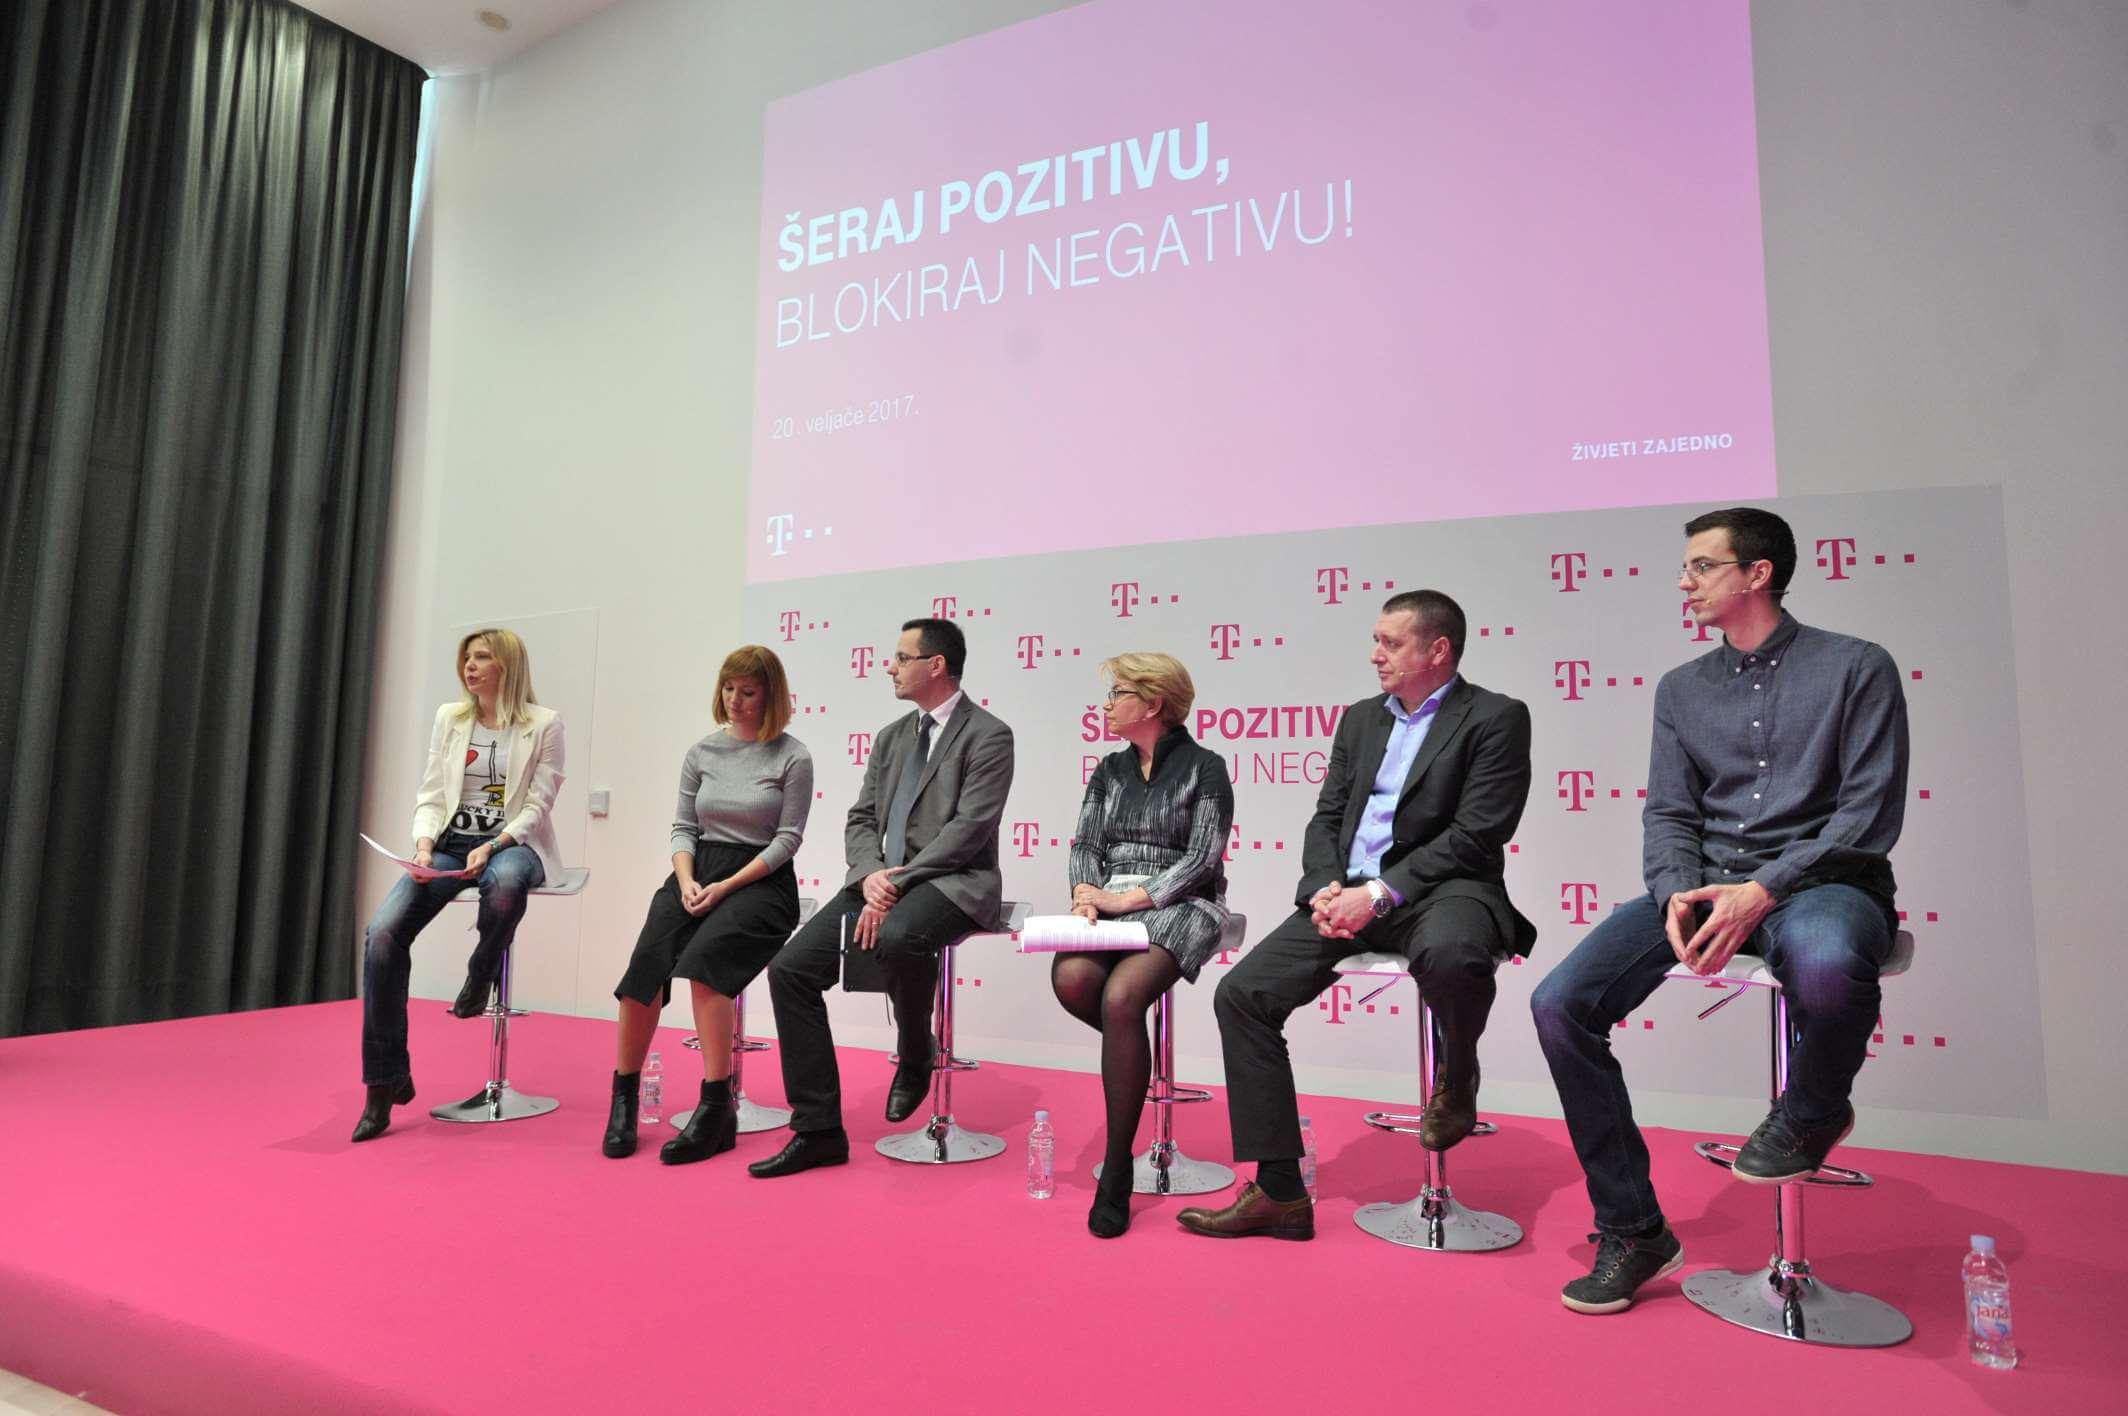 Pokrenuta inicijativu 'Šeraj pozitivu, blokiraj negativu' za povećanje sigurnosti djece na internetu